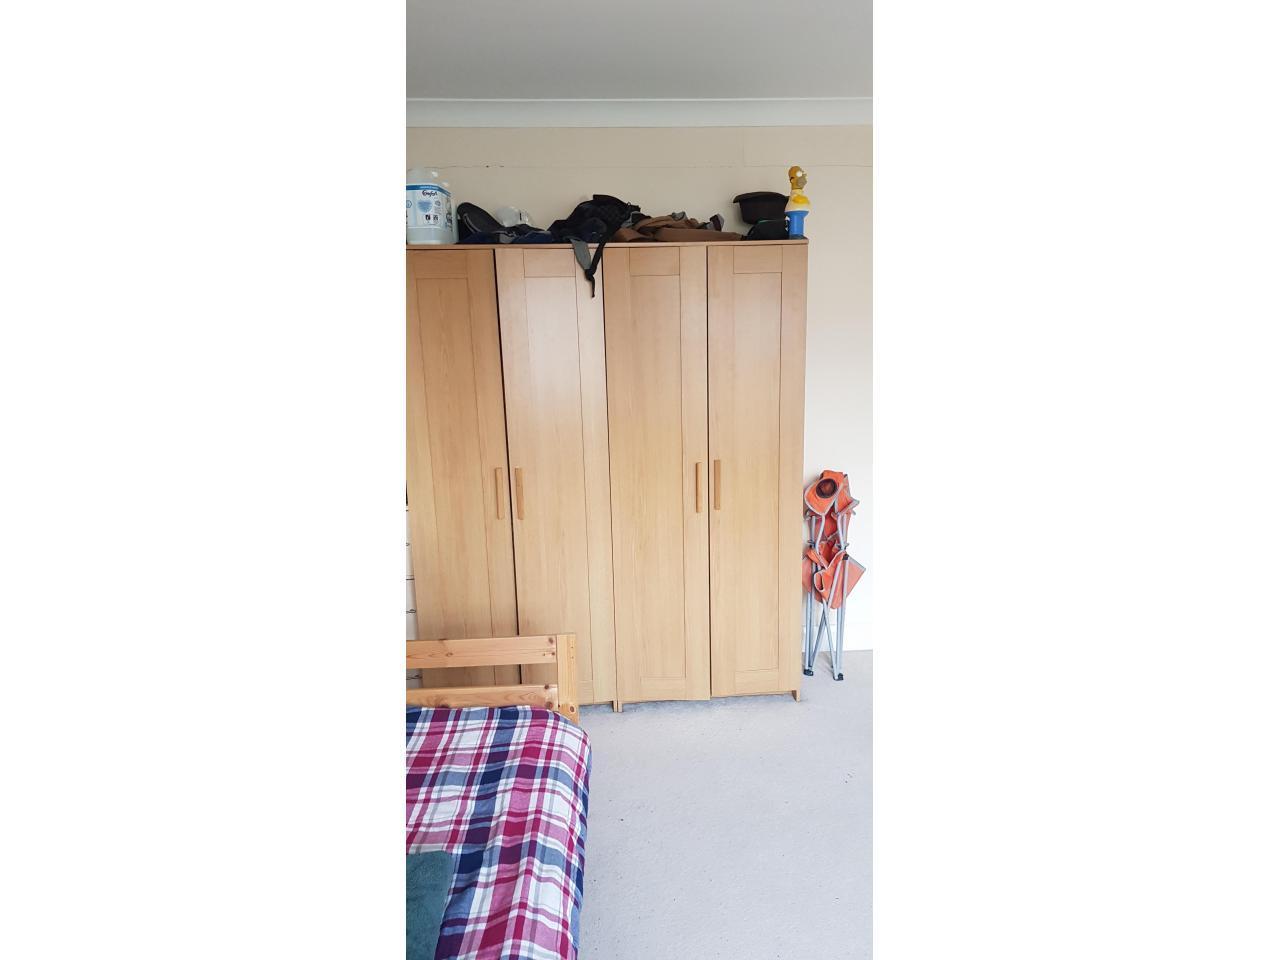 Сингл и Дабл комнаты в аренду £80, £145 и £150 в неделю. - 6